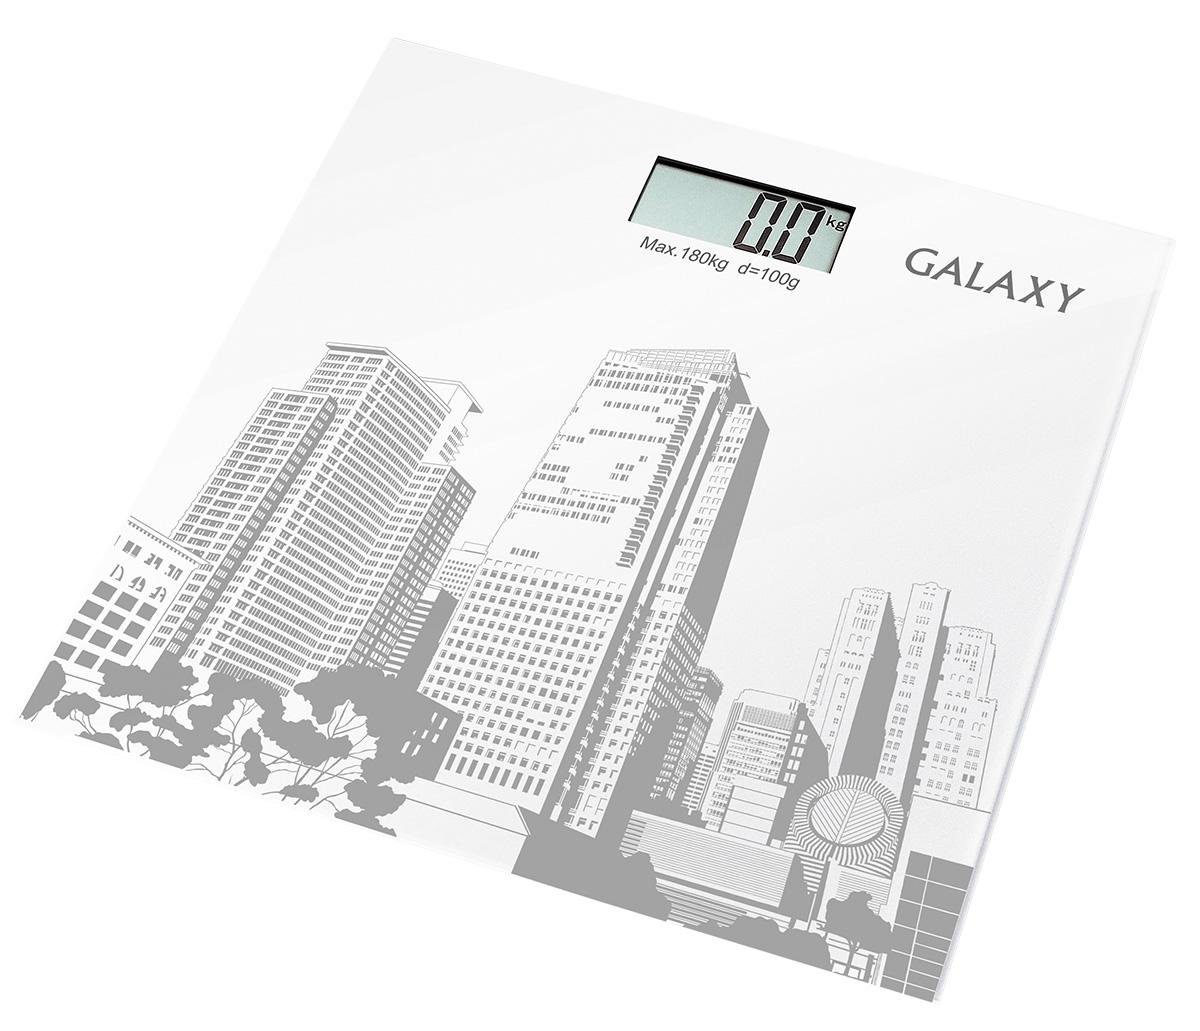 Galaxy GL4803 весы напольные4630003362605Электронные весы Galaxy GL4803 разработаны специально для тех, кто следит за своим здоровьем и физической формой. Стильный дизайн, ультратонкий корпус, большой дисплей! Сверхточная сенсорная система датчиков Платформа из высокопрочного стекла Жидкокристаллический дисплей с подсветкой Индикация перегрузки Индикация низкого уровня заряда элементов питания Прорезиненные ножки